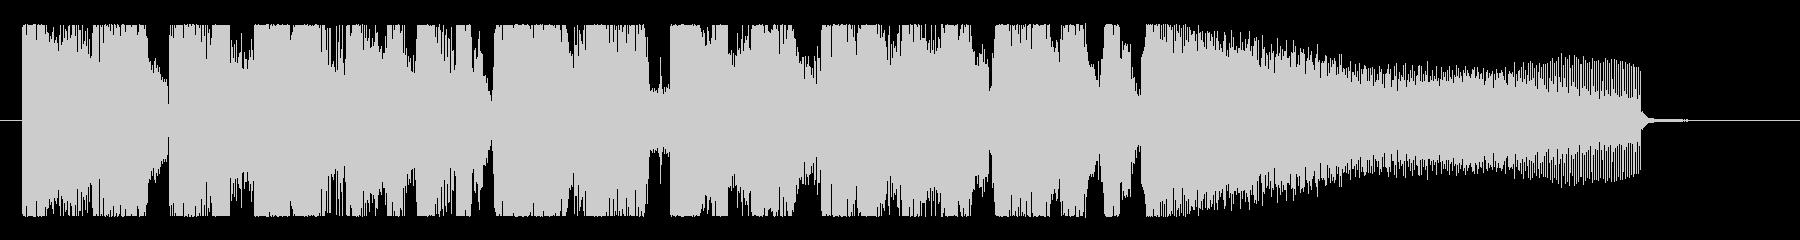 おしゃれなグルーヴ、ジャジーなR&Bロゴの未再生の波形